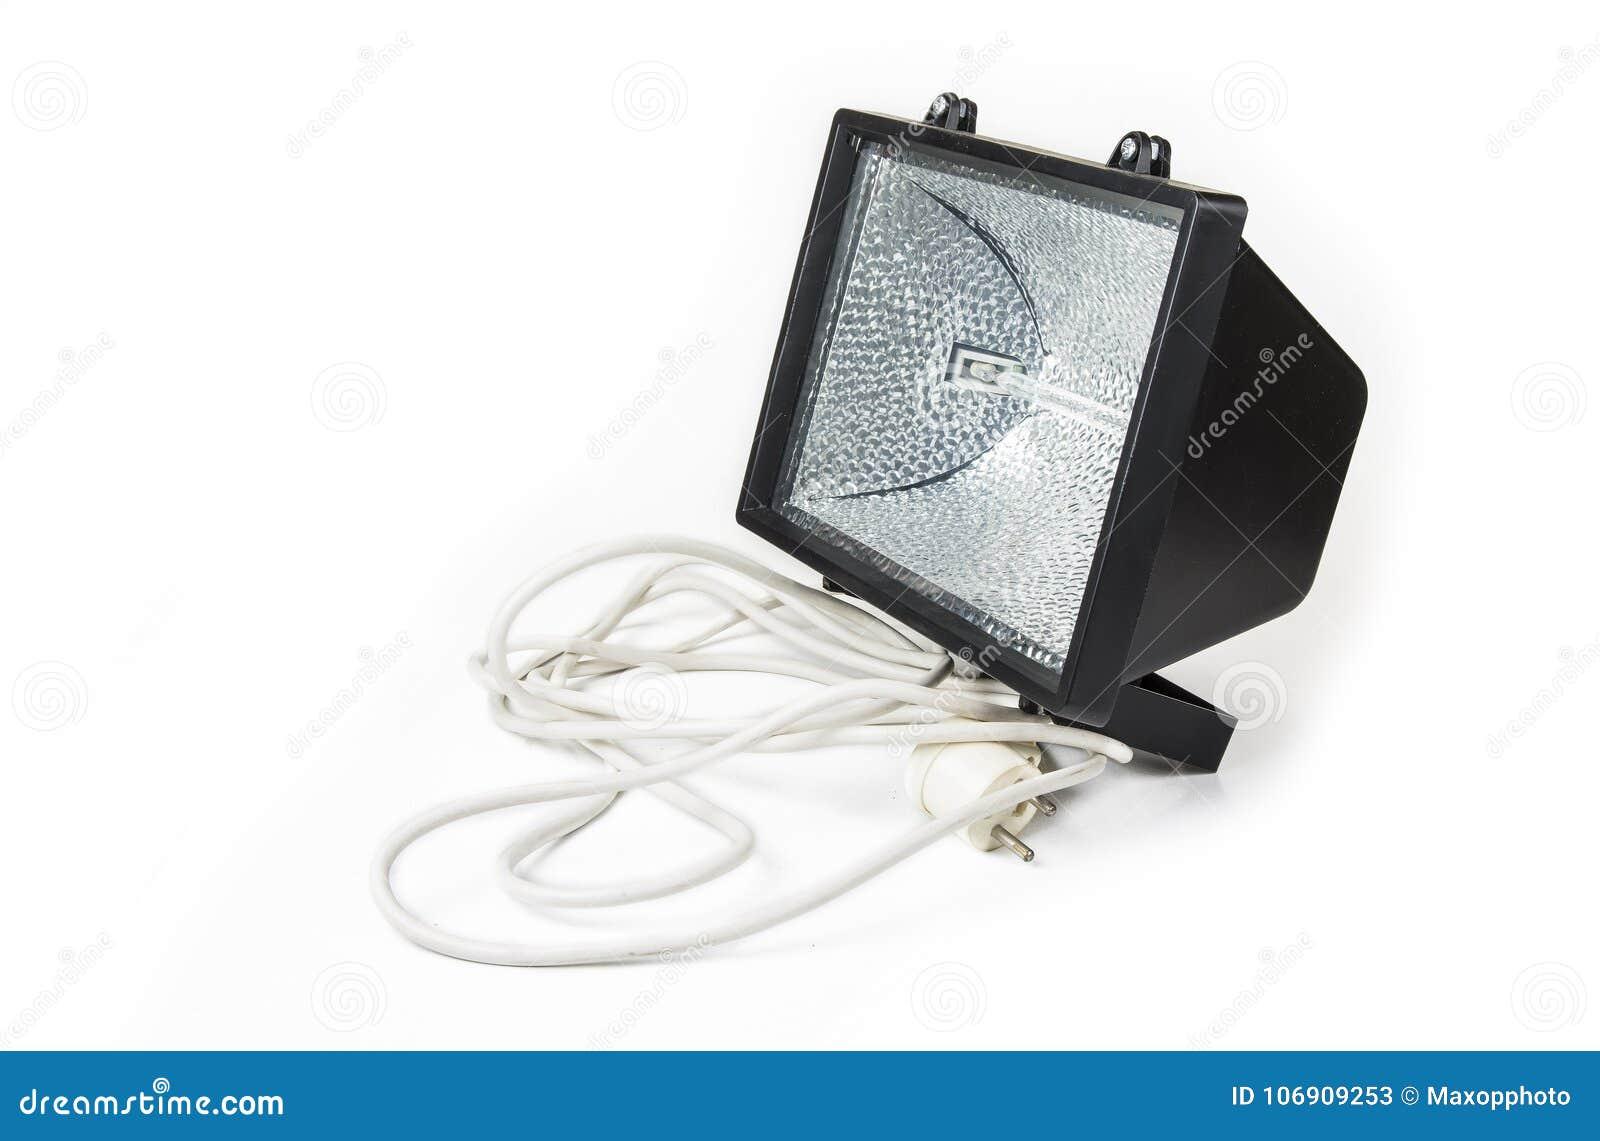 Fluorowa światło z elektrycznym kablem na białym tle